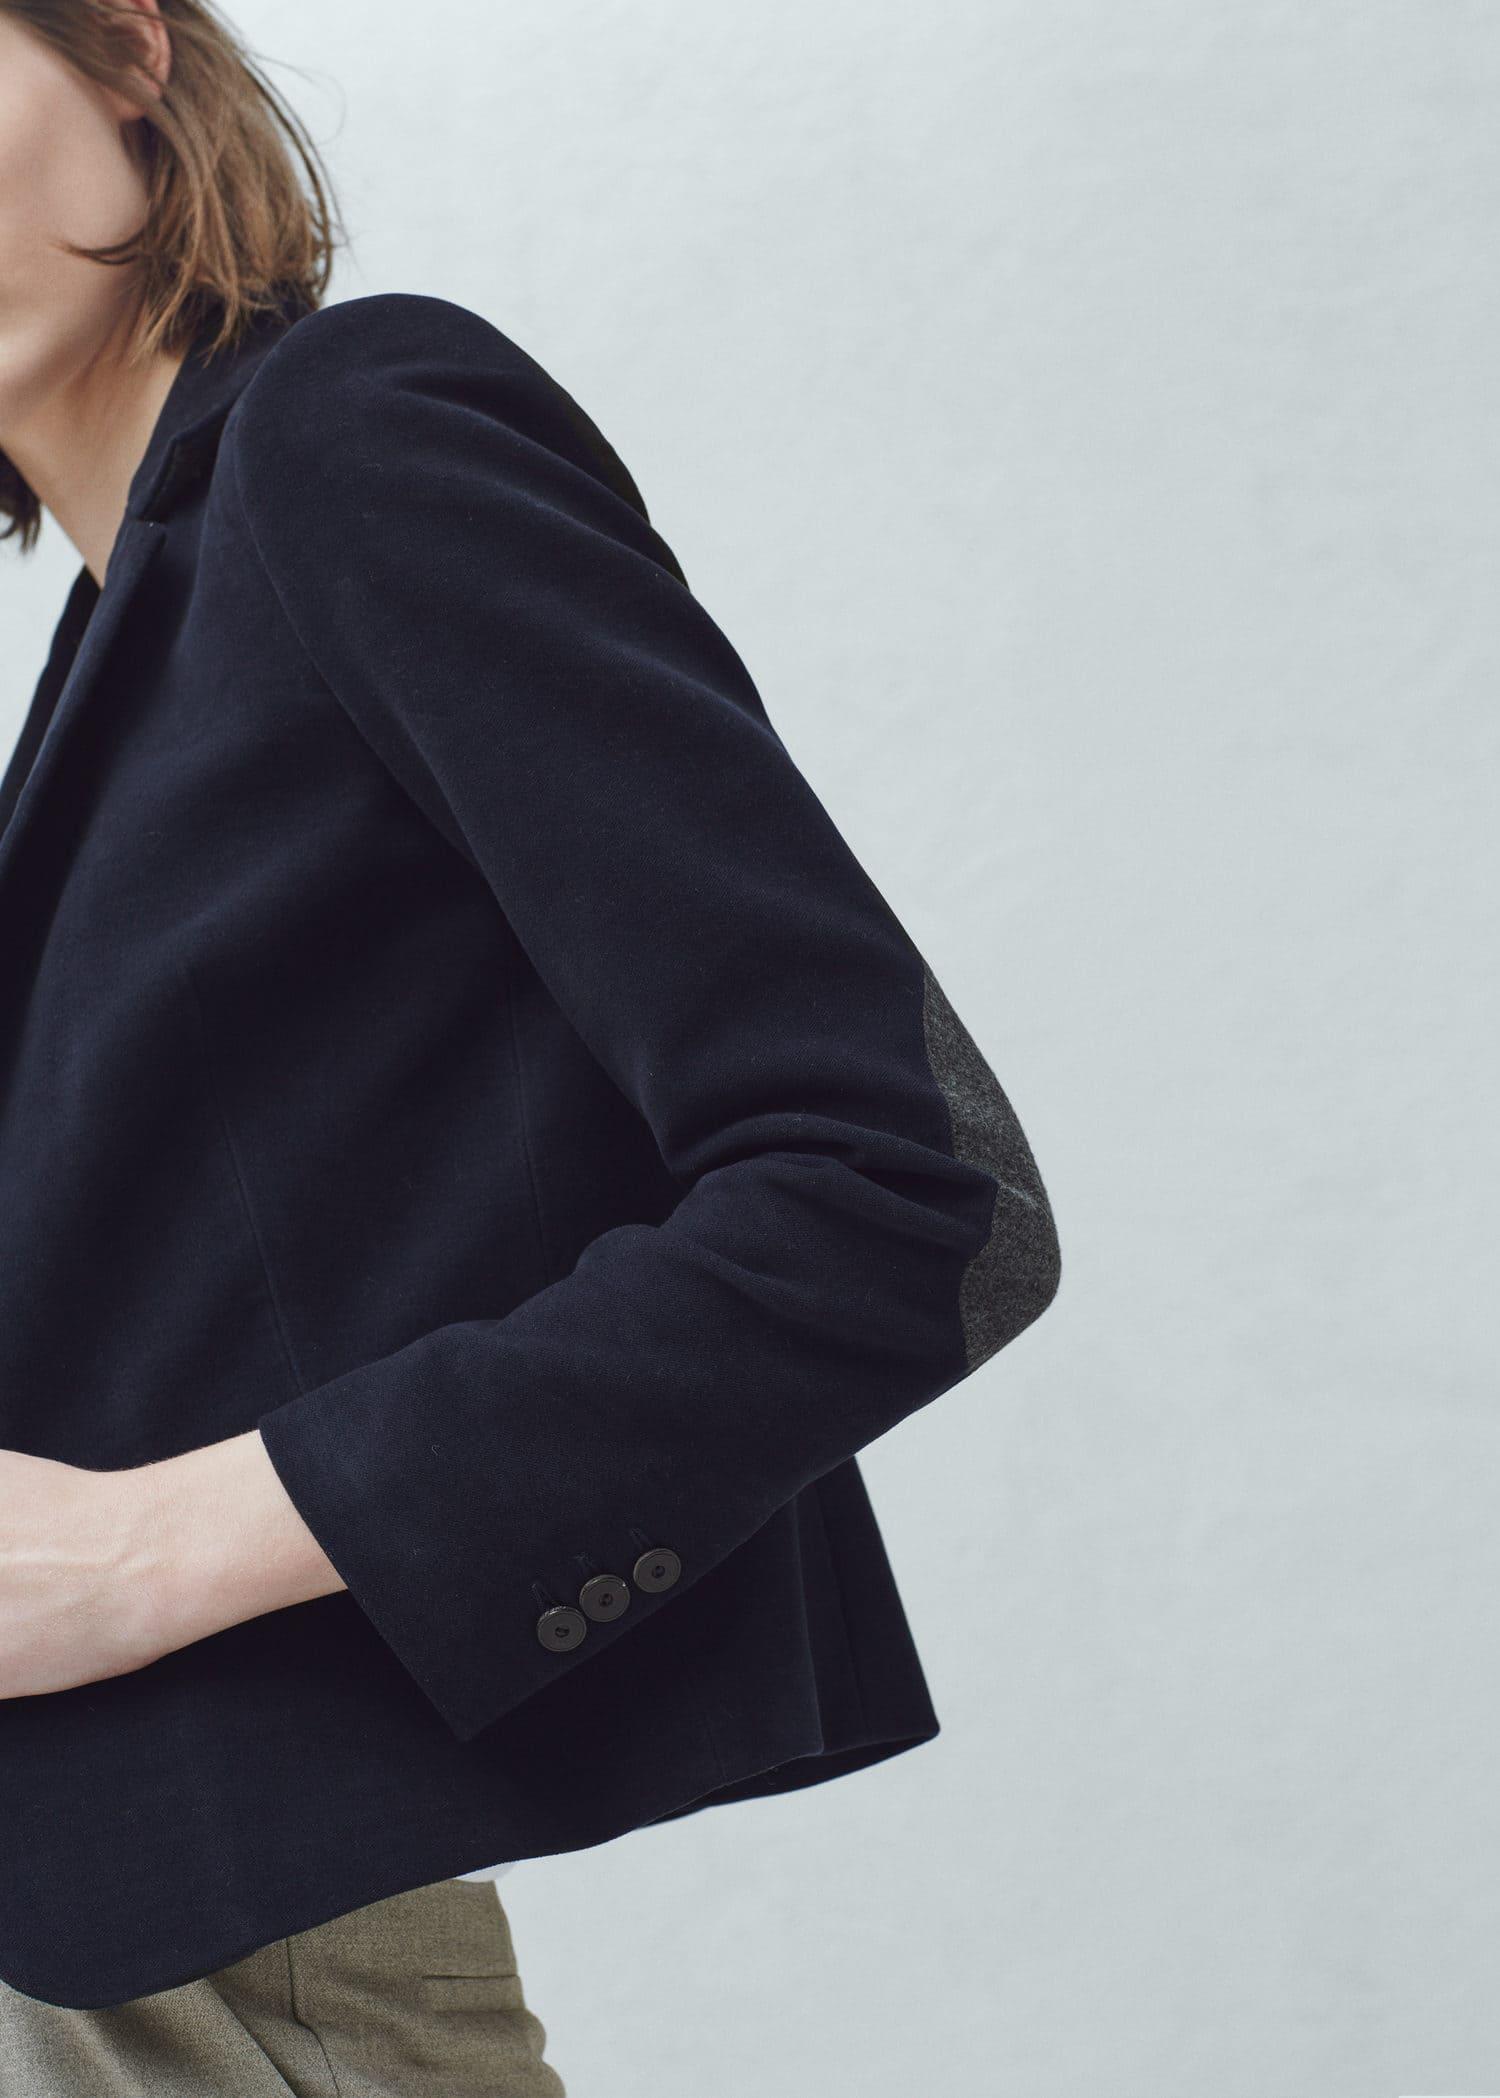 Veste coton coudieres femme